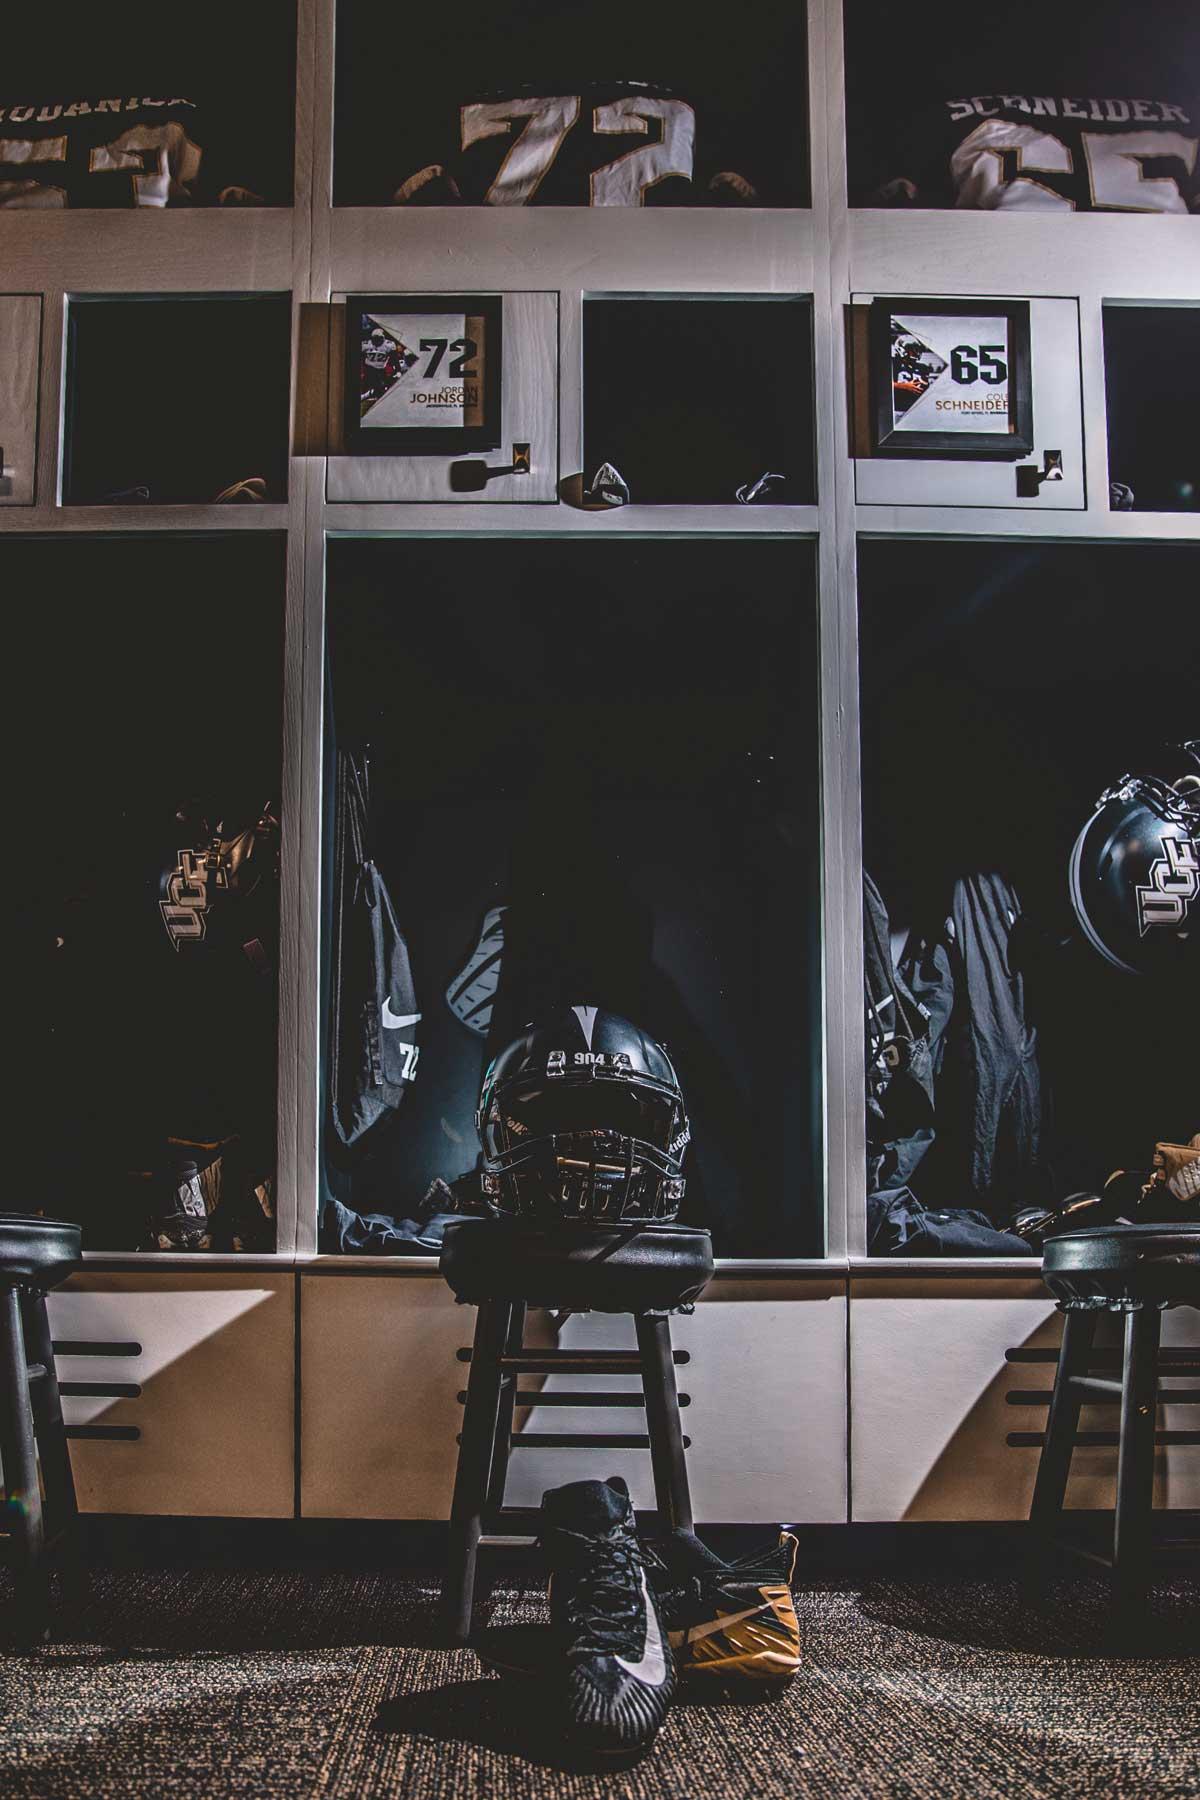 Row of three lockers with black football helmets and jerseys